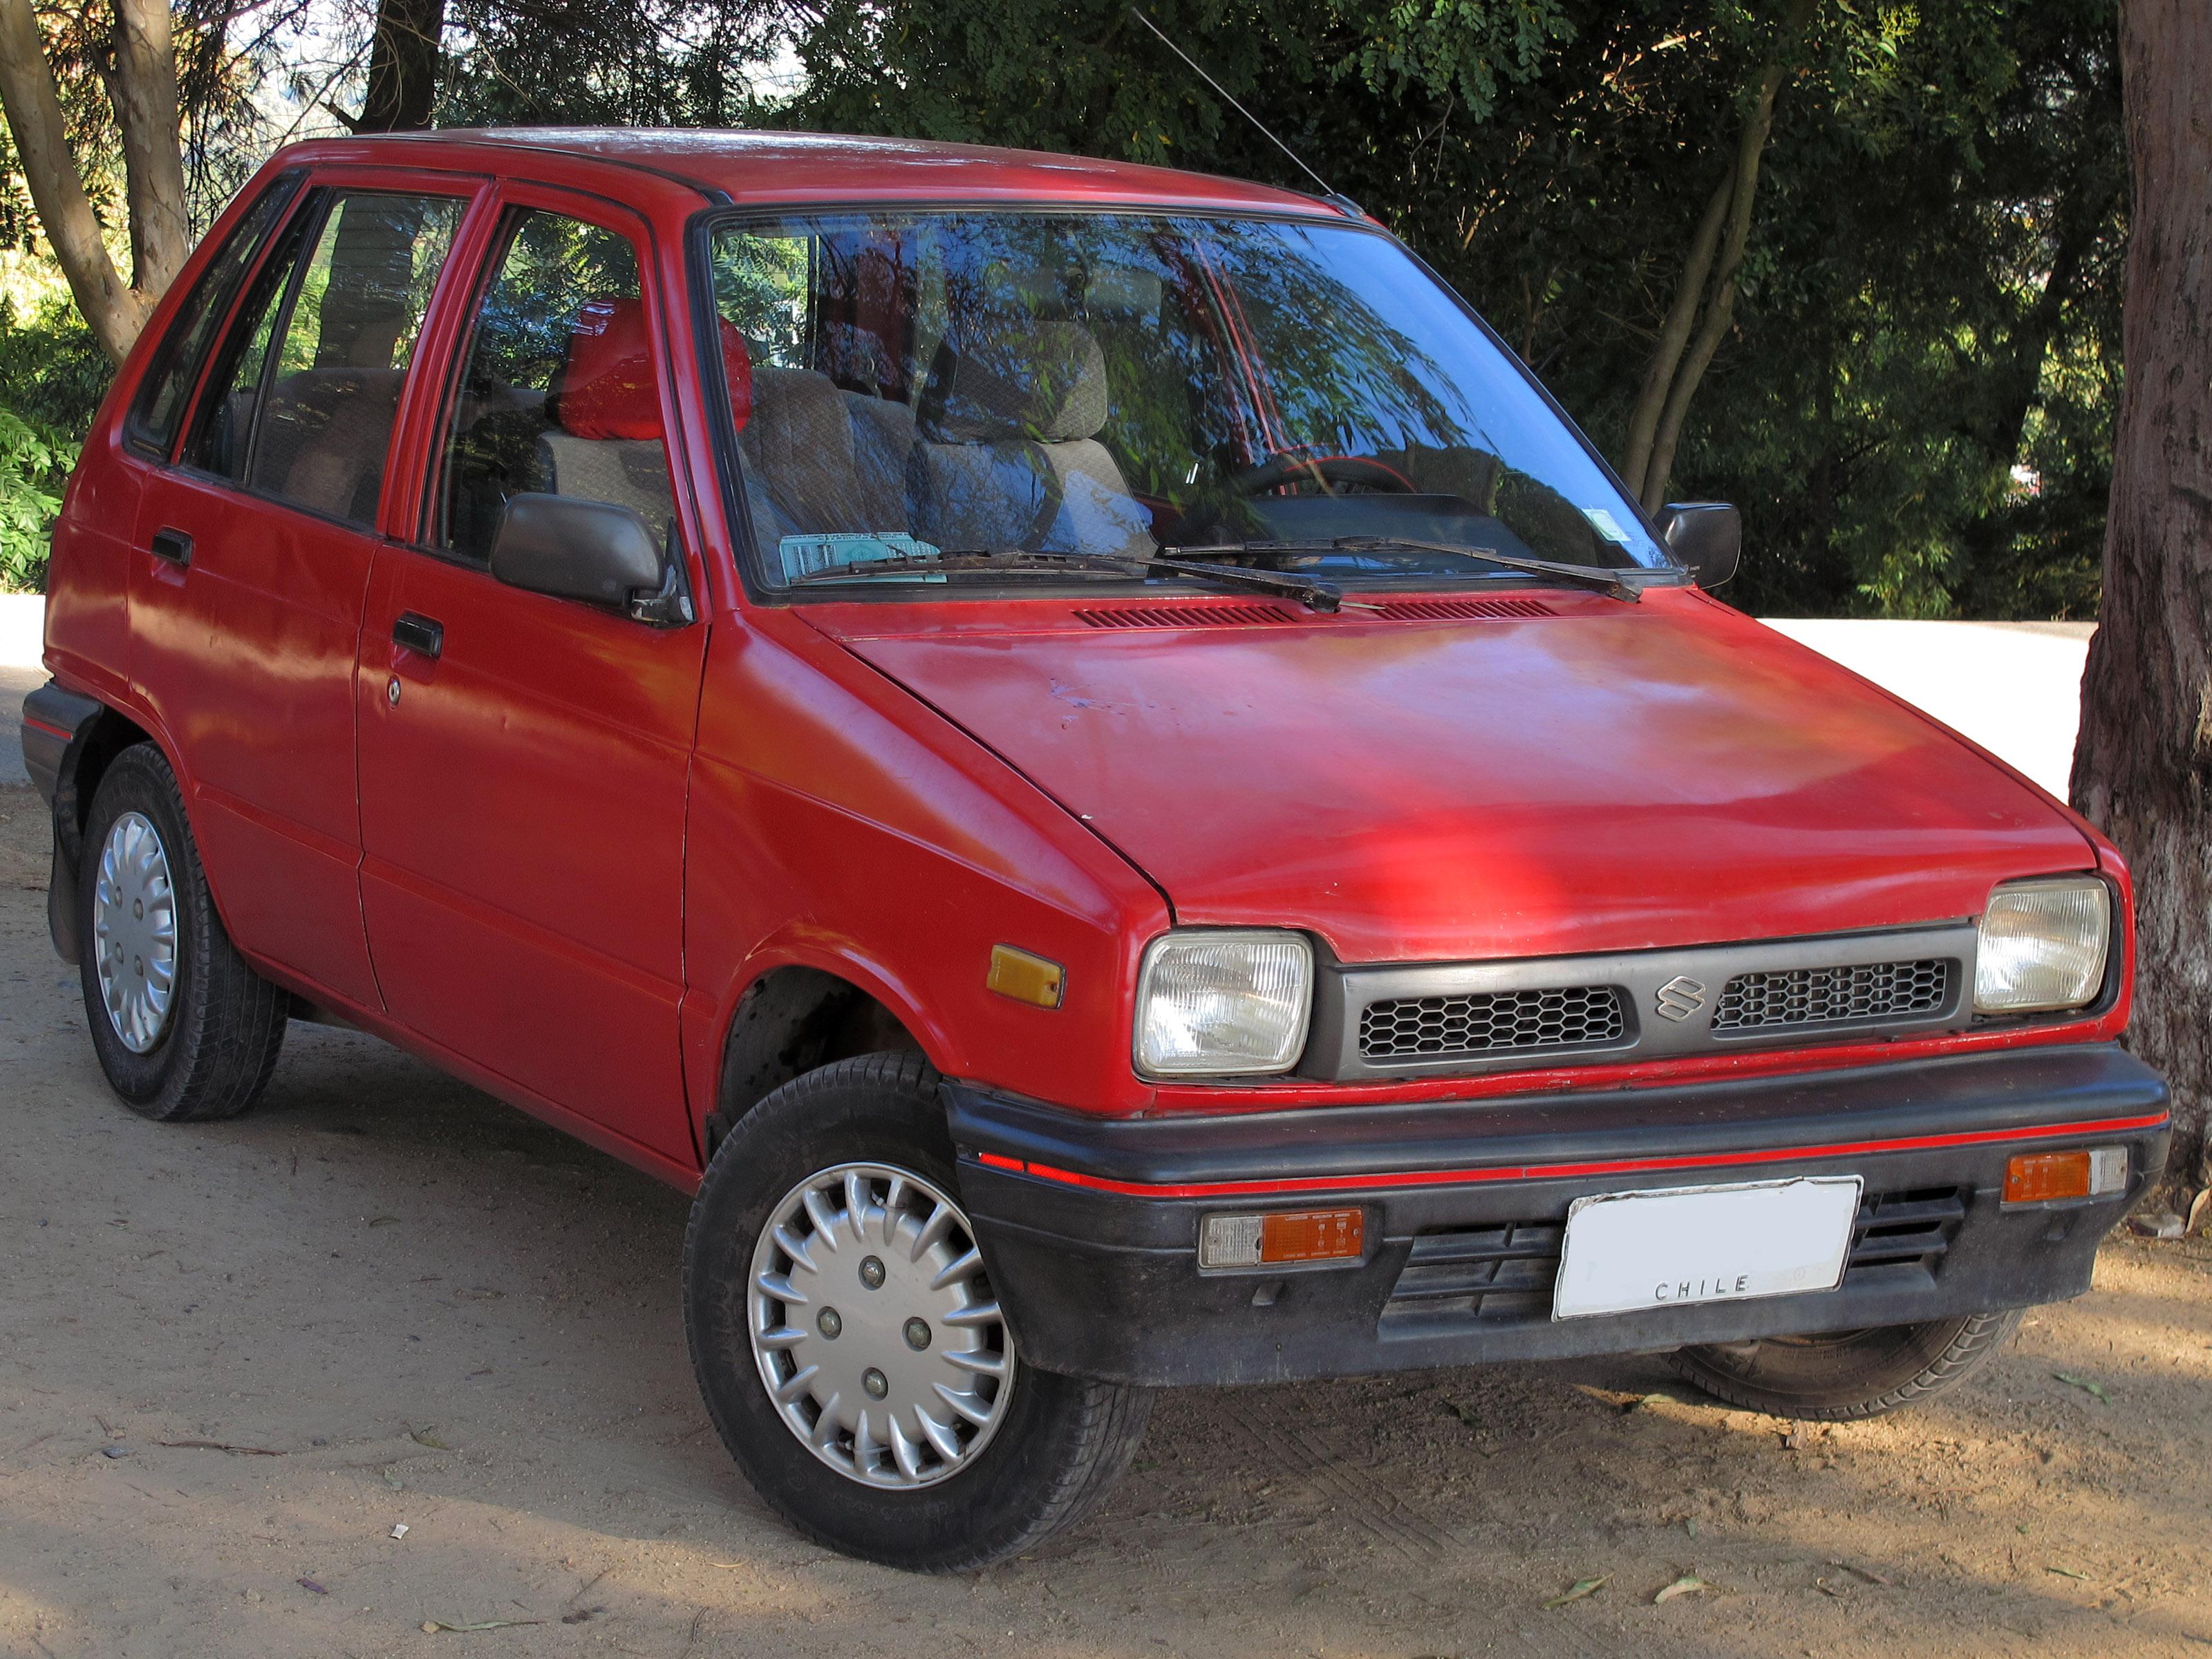 Maruti Suzuki Alto Lpg Price